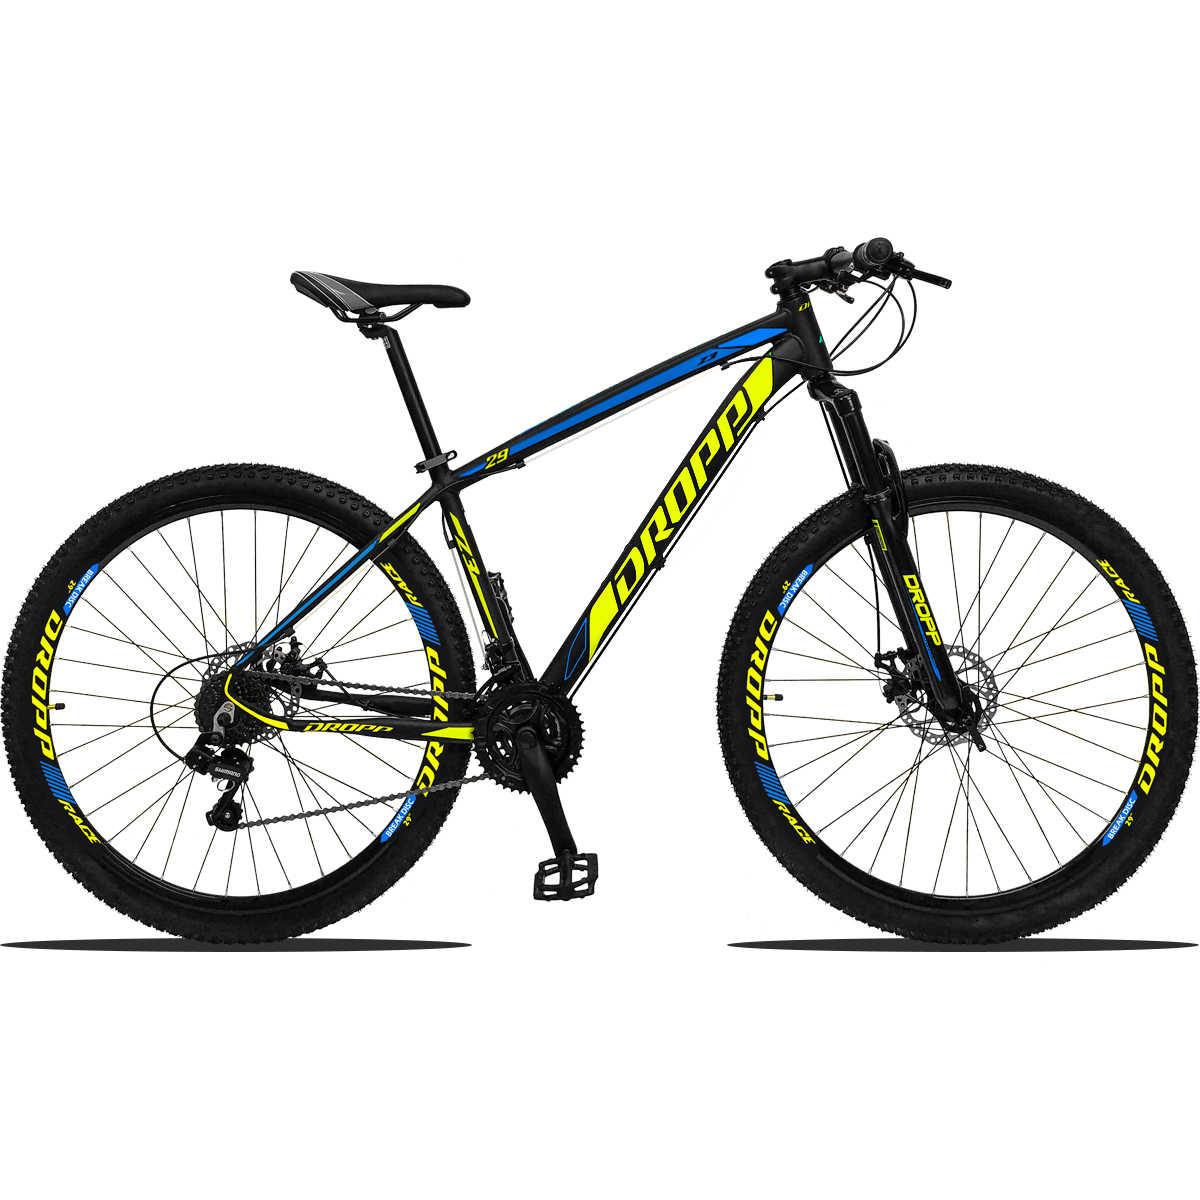 Bicicleta Aro 29 Dropp Z3 Freio Hidráulico 21V  Câmbios Shimano